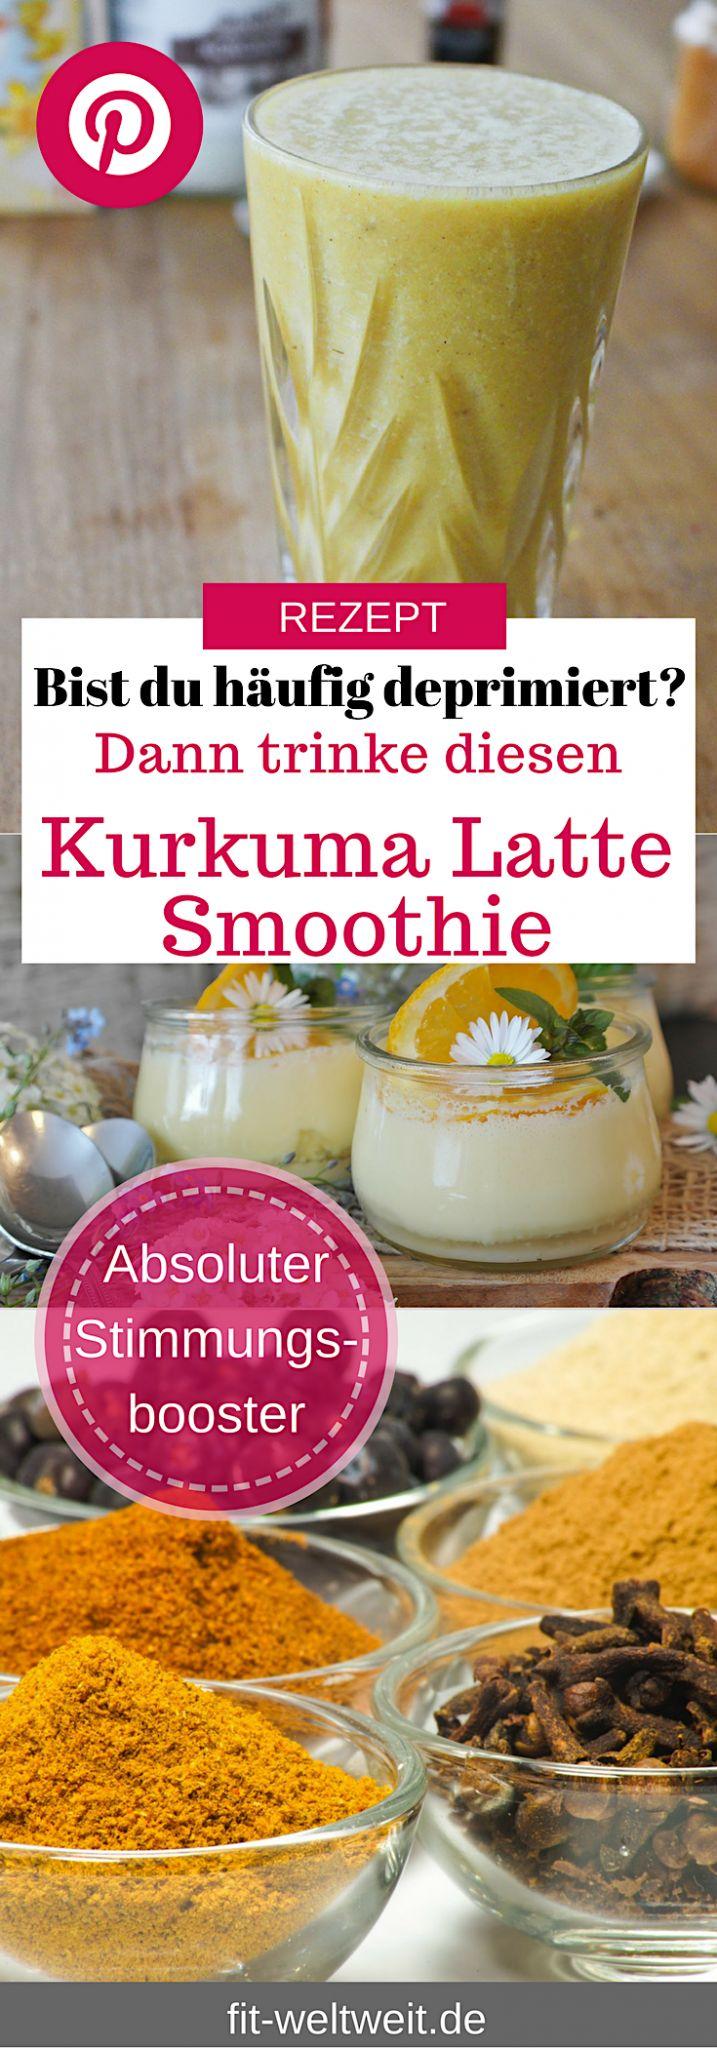 #Depressionen überwinden Hausmittel #Kurkuma: Ein Kurkuma Latte gehört mit zu meinen neuen Lieblingsdrinks. Anstatt eines Kaffees oder Chai Lattes, darf es jetzt gerne auch mal ein Kurkuma Latte sein. Heute habe ich euch einen #Smoothie gemixt, der zahlreiche entzündungshemmende Wirkstoffe in sich trägt und unglaublich intensiv und lecker schmeckt.